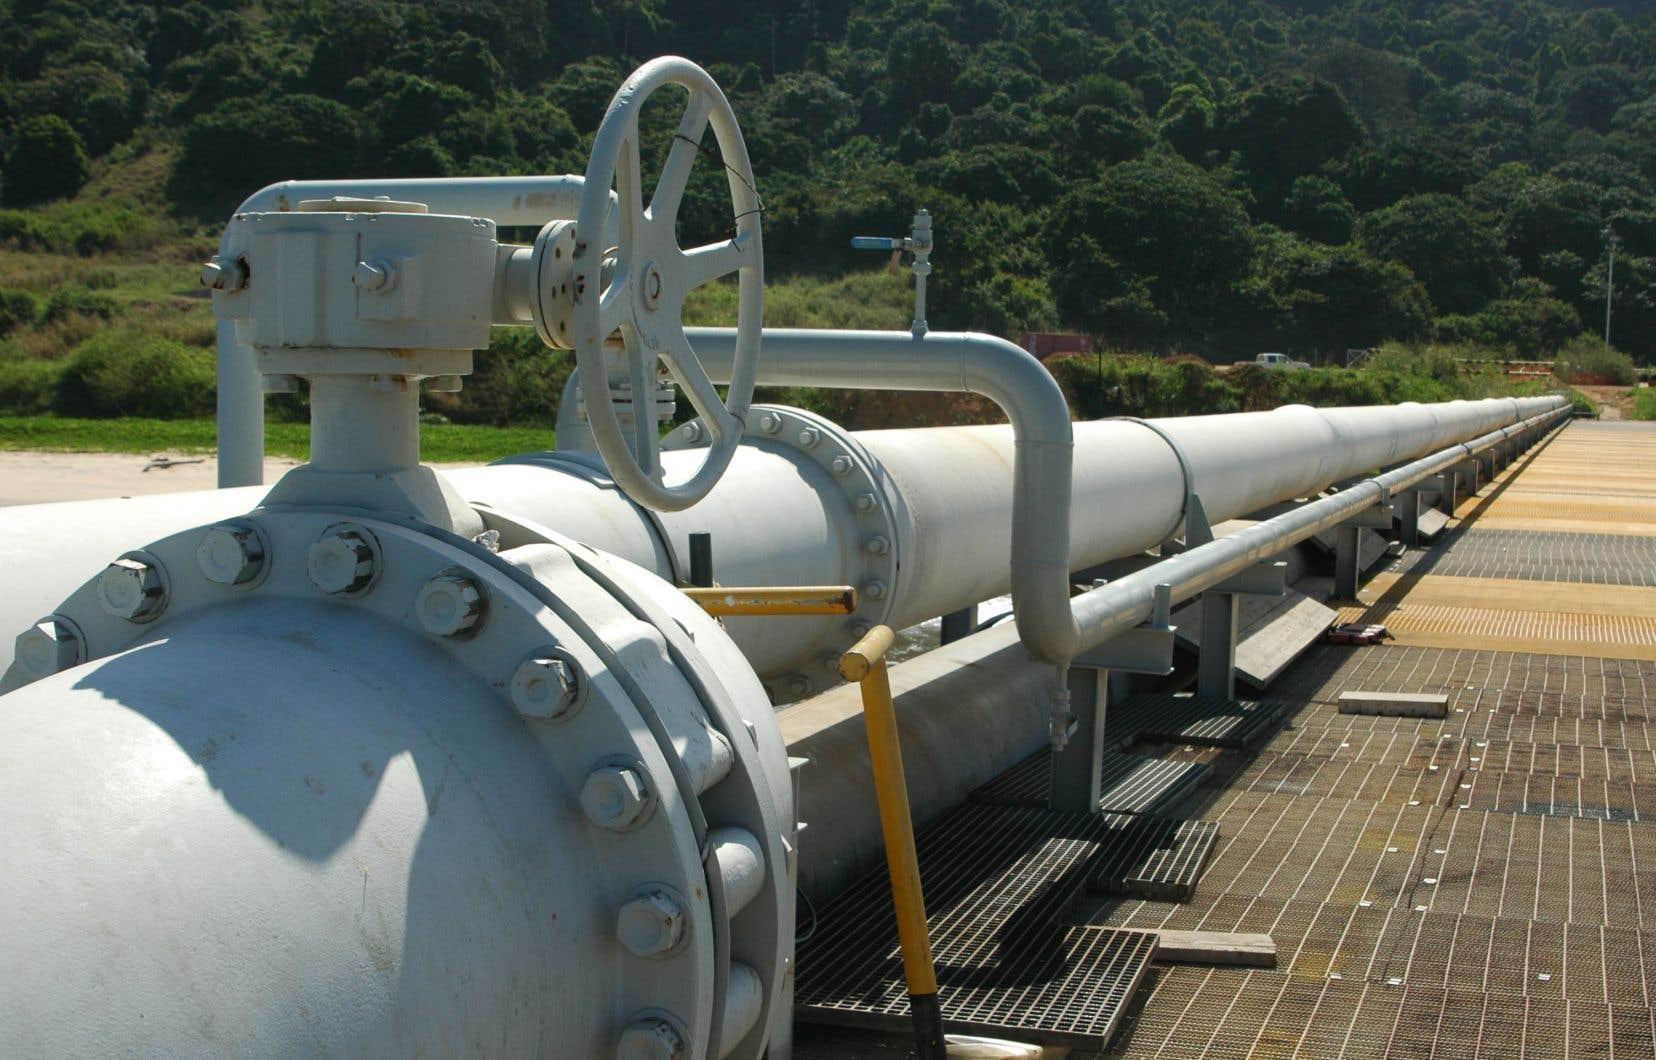 À l'approche de l'élection fédérale, le plus grand lobby pétrolier et gazier au pays exhorte tous les partis politiques à soutenir les grands projets de gazoducs et de gaz naturel liquéfié.